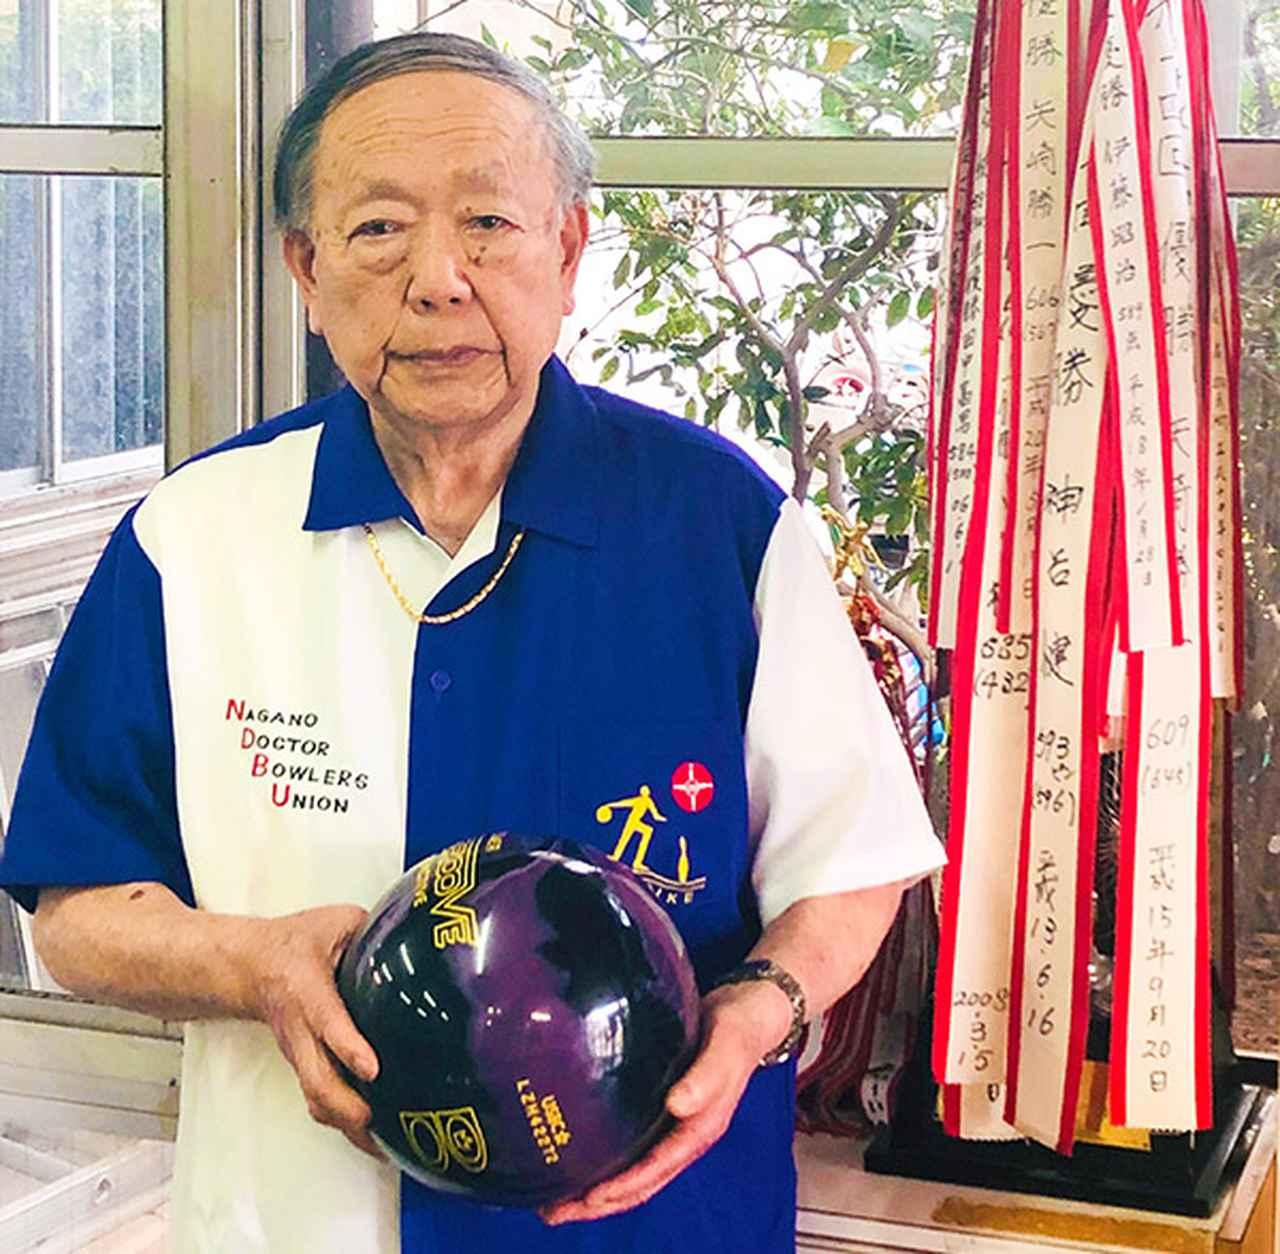 画像: 長野県医師ボウリング連盟のユニフォームを着て、トロフィーの前に立つ神谷さん。体力を維持し脳も活性化!